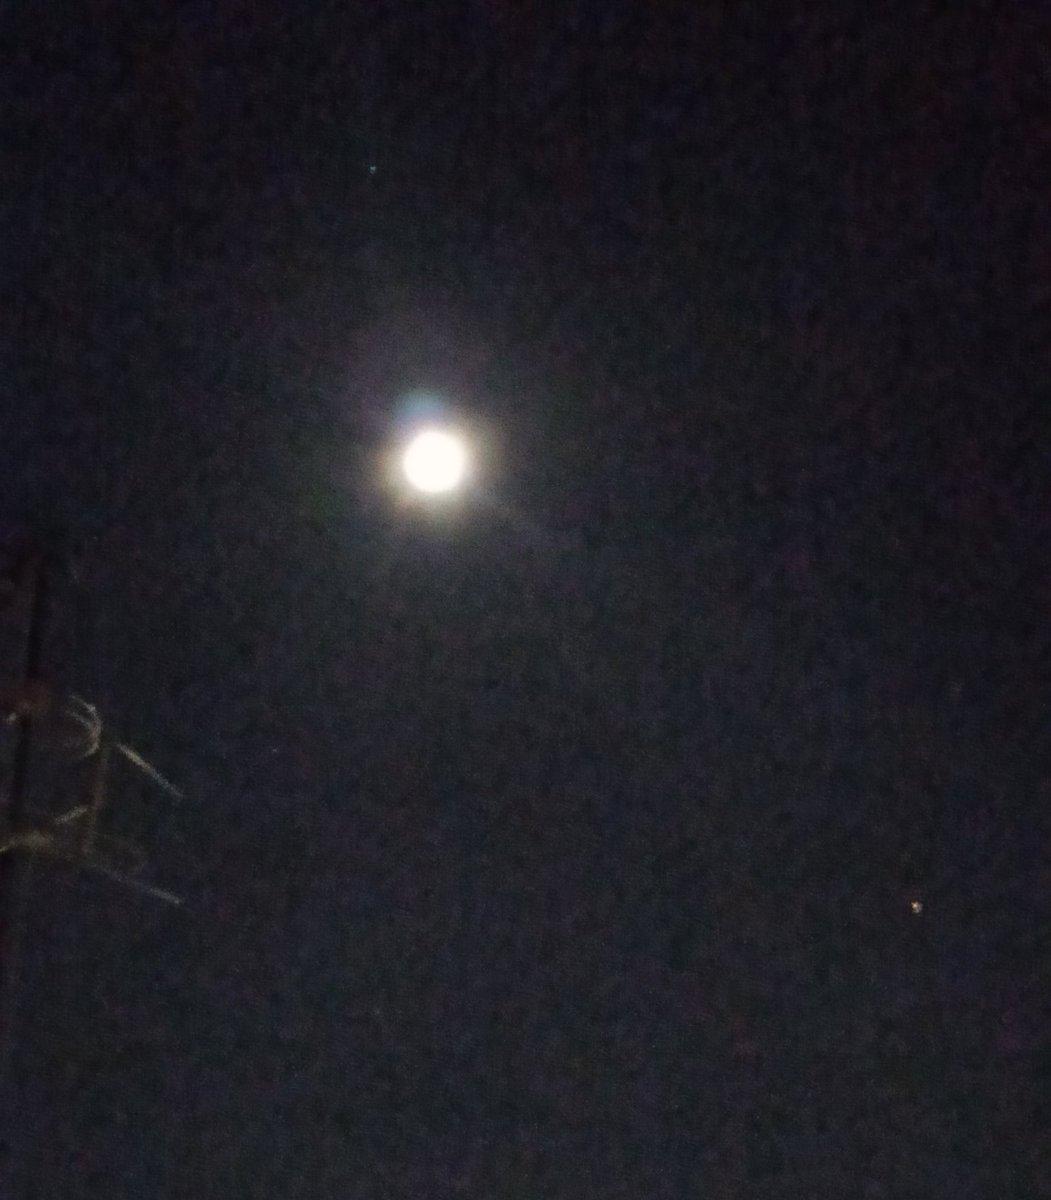 HAPPY BIRTHDAY MY MOON JIN!!!! 생일축하해요 !!!! FELIZ CUMPLEAÑOS🥳 Yo soy la luna y army mi tierra #JINBIRTHDAY hoy quiero regalarte la luna desde mi país ESPAÑA💜🇪🇸💜사랑해요💜🇰🇷💜#HAPPYJINDAY #JINDAY #BTSJIN #MoonForSeokjin #MoonForJin #HappyBirthdayJin #HAPPYBIRTHDAYSEOKJIN